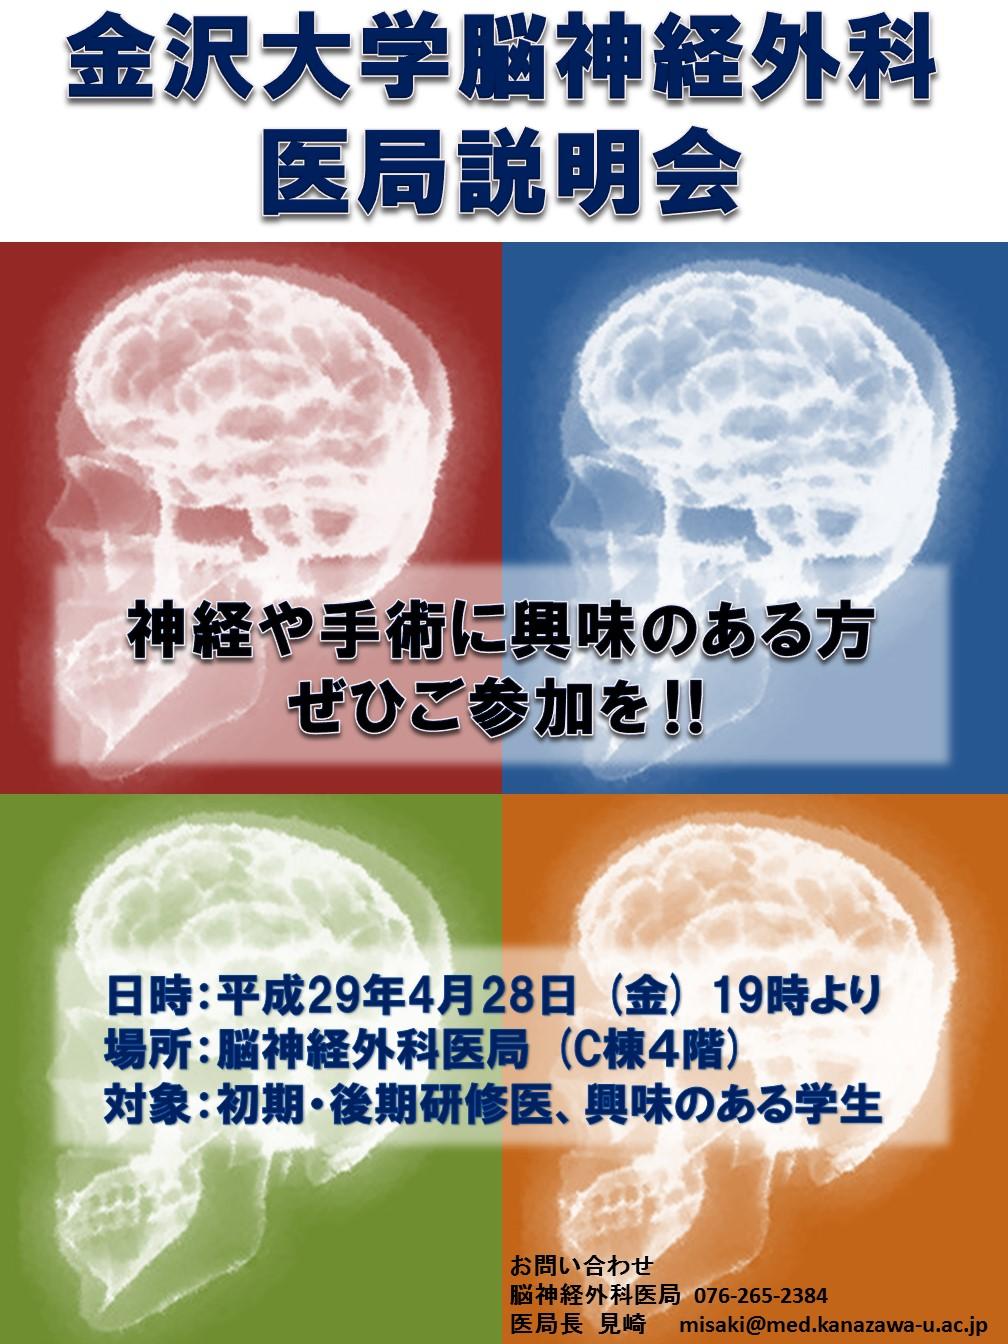 2017年4月28日医局説明会ポスター